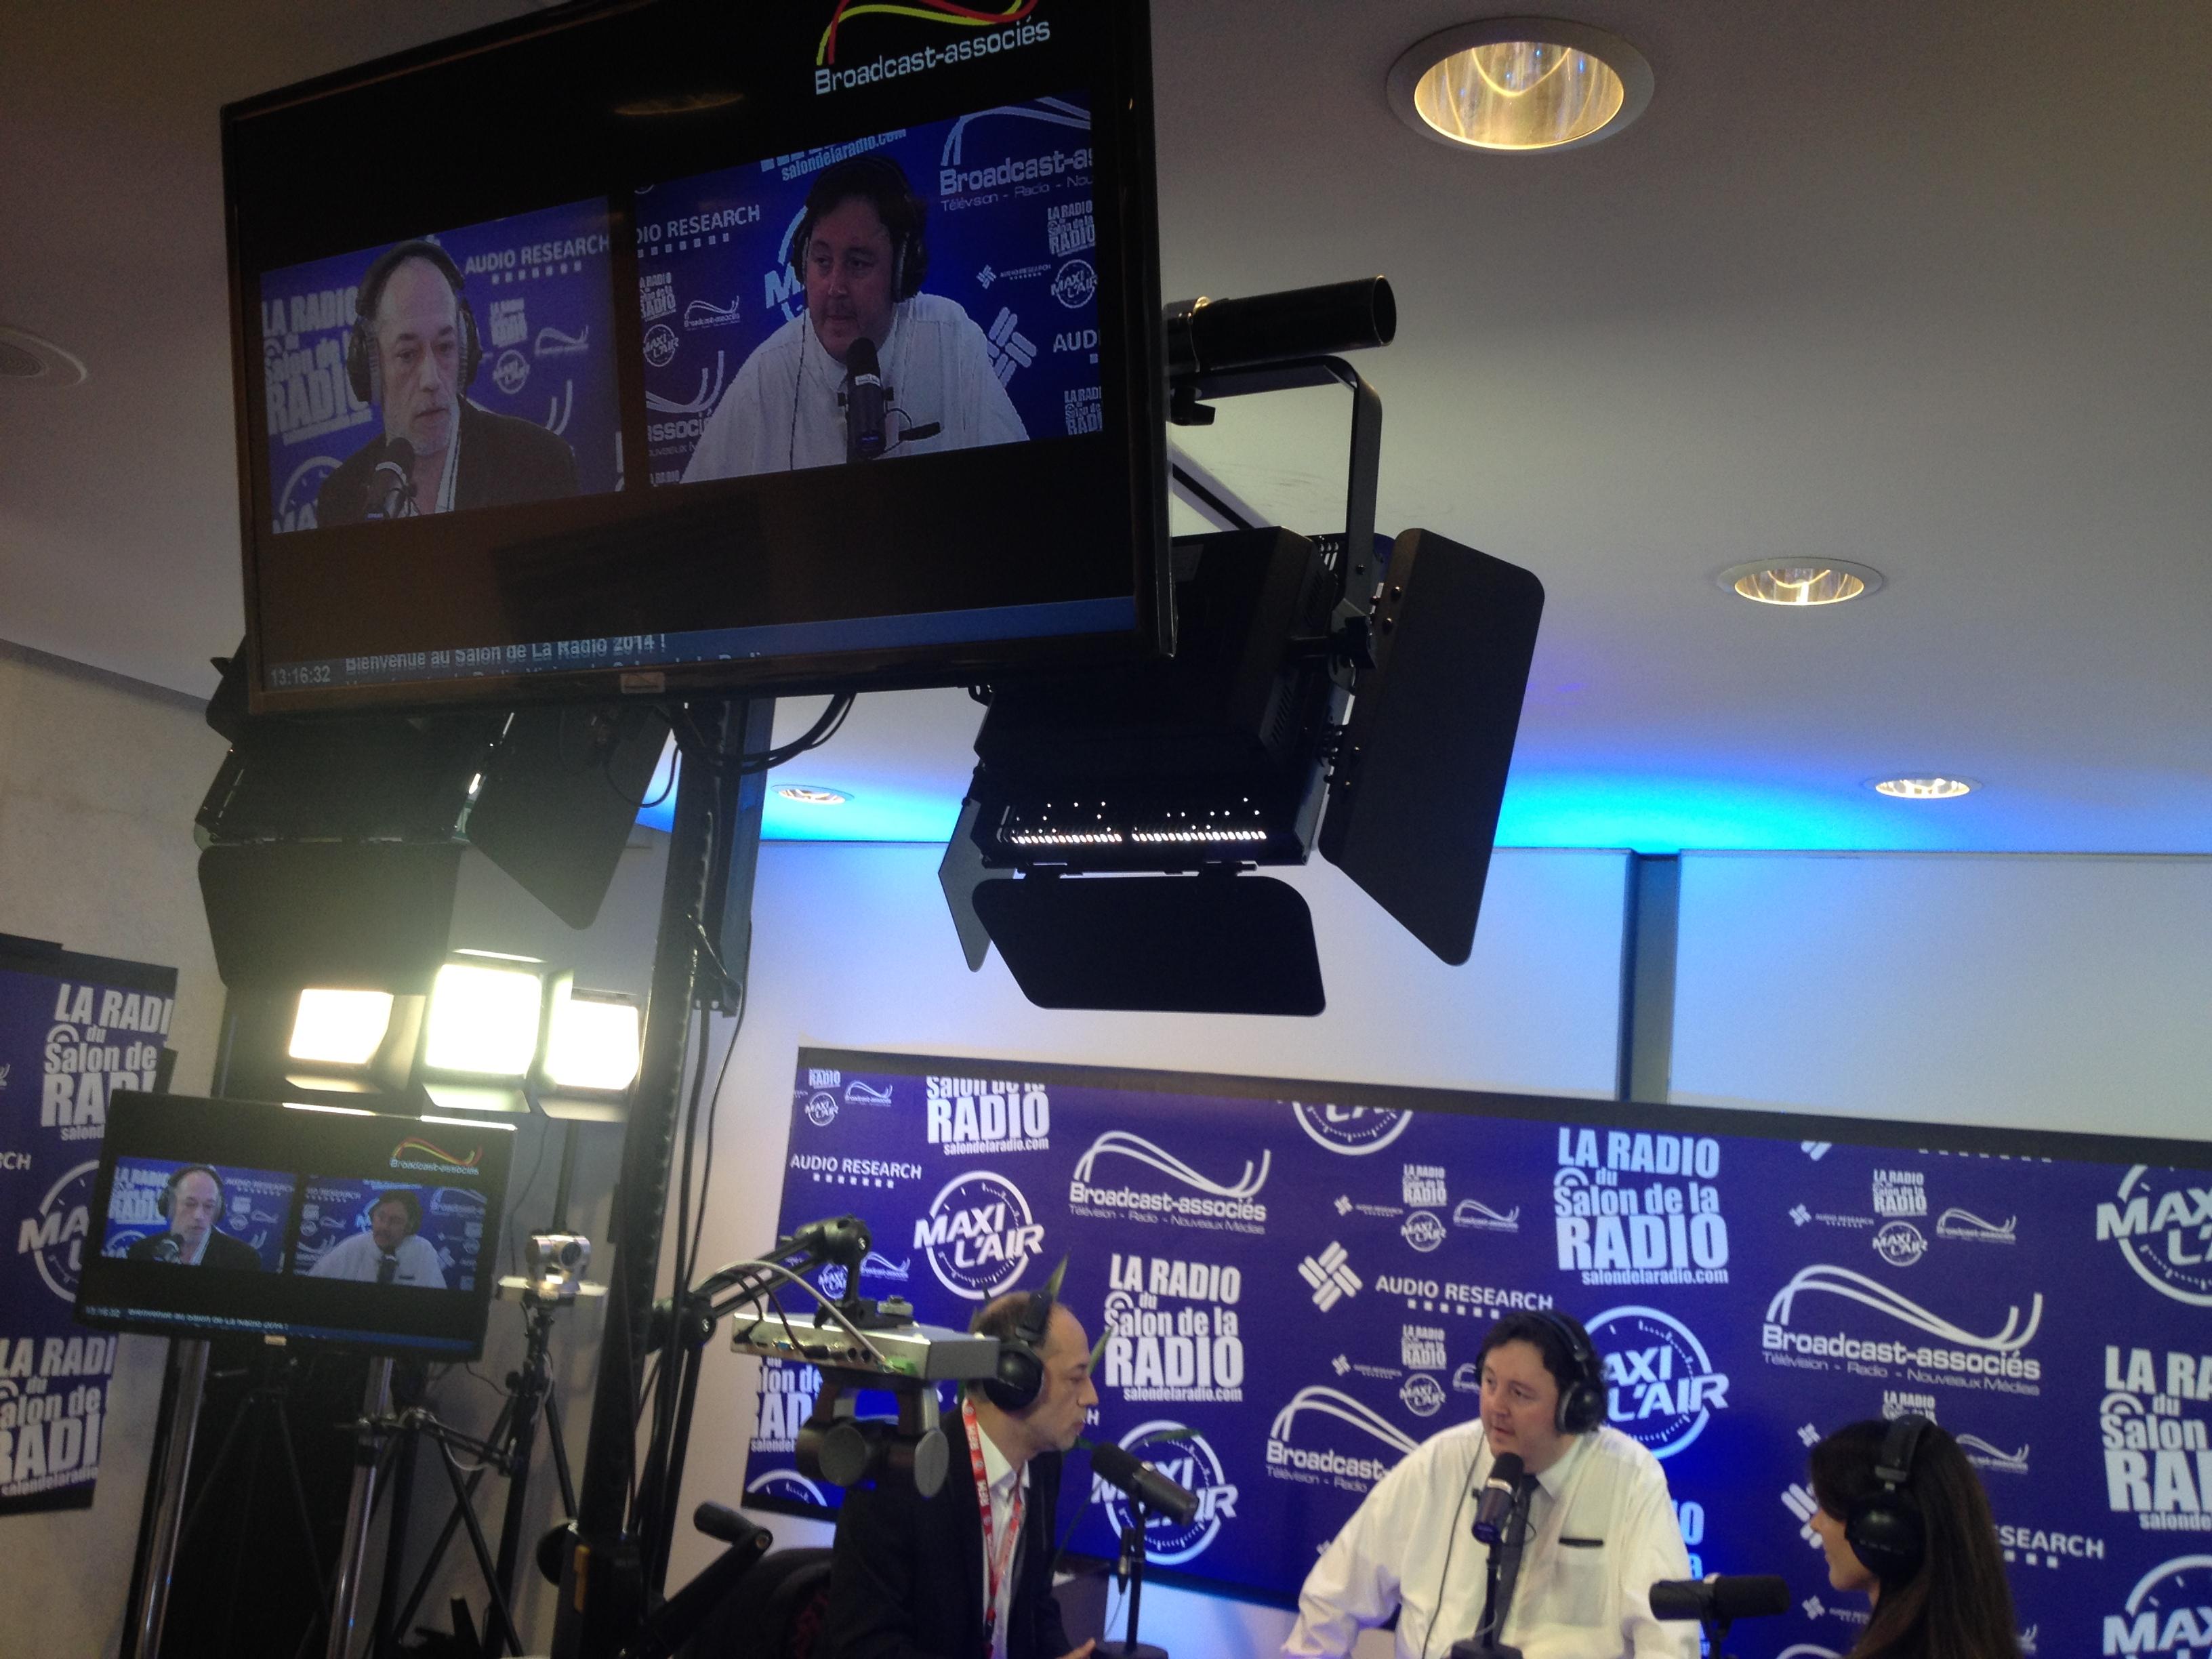 """""""La Radio"""" du Salon de la Radio permettra d'observer le comportement en temps réel de plusieurs nouveautés liées à la Radio Visuelle"""